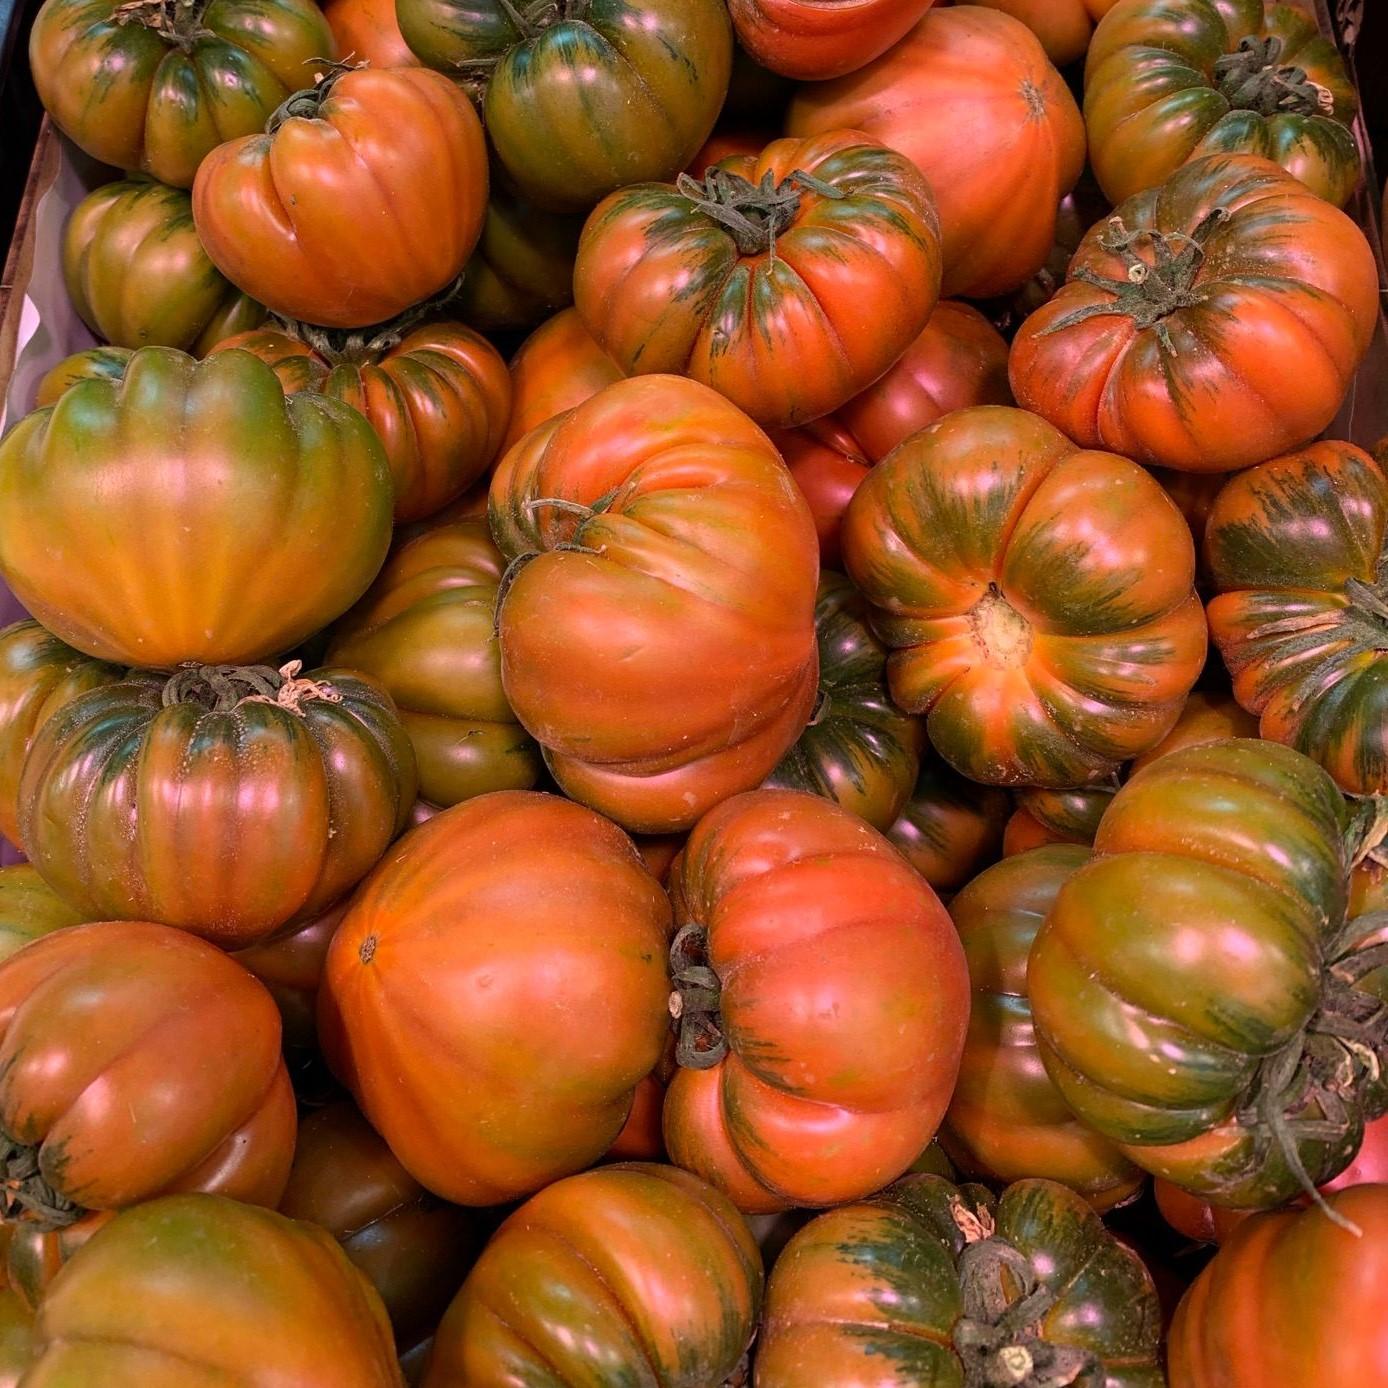 tomate raff 5 jotas